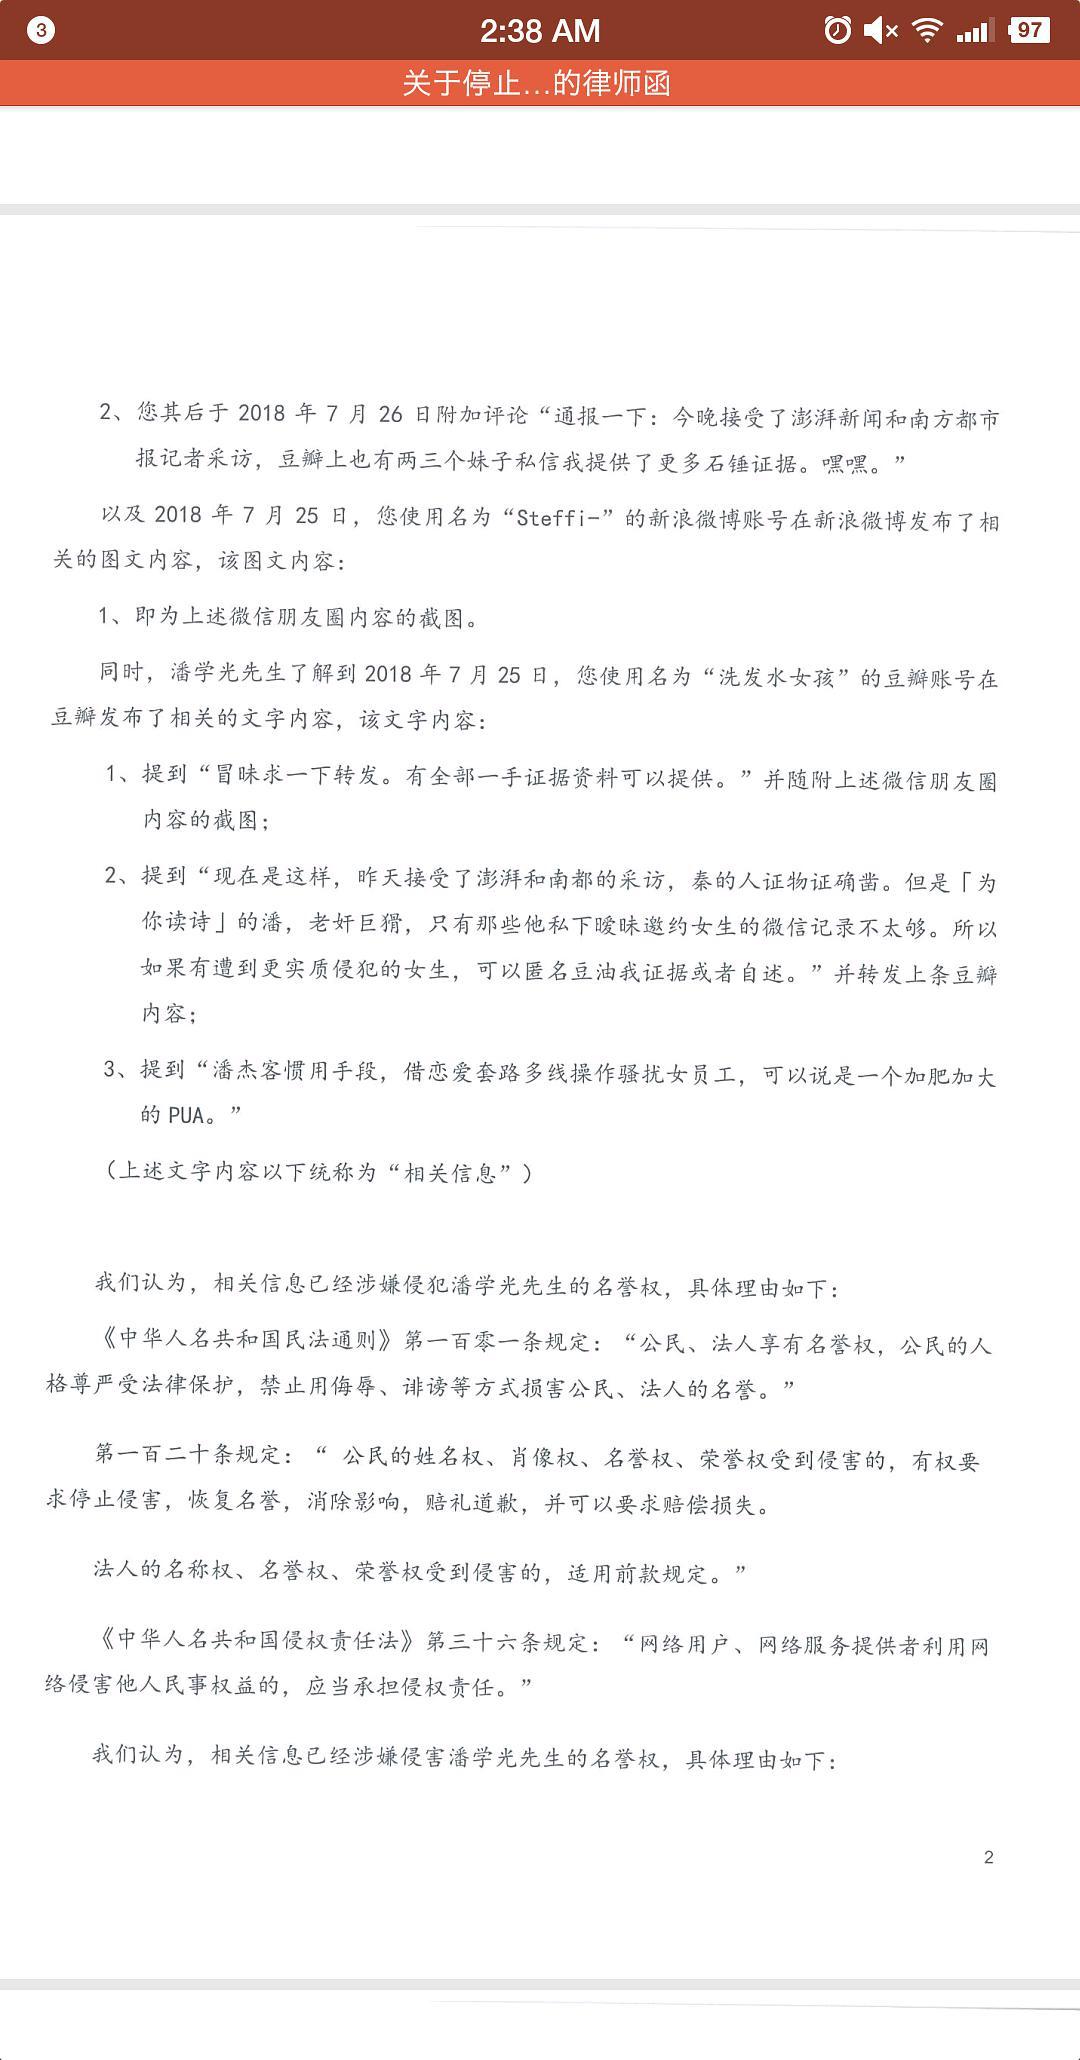 20180726-律师函3.jpeg